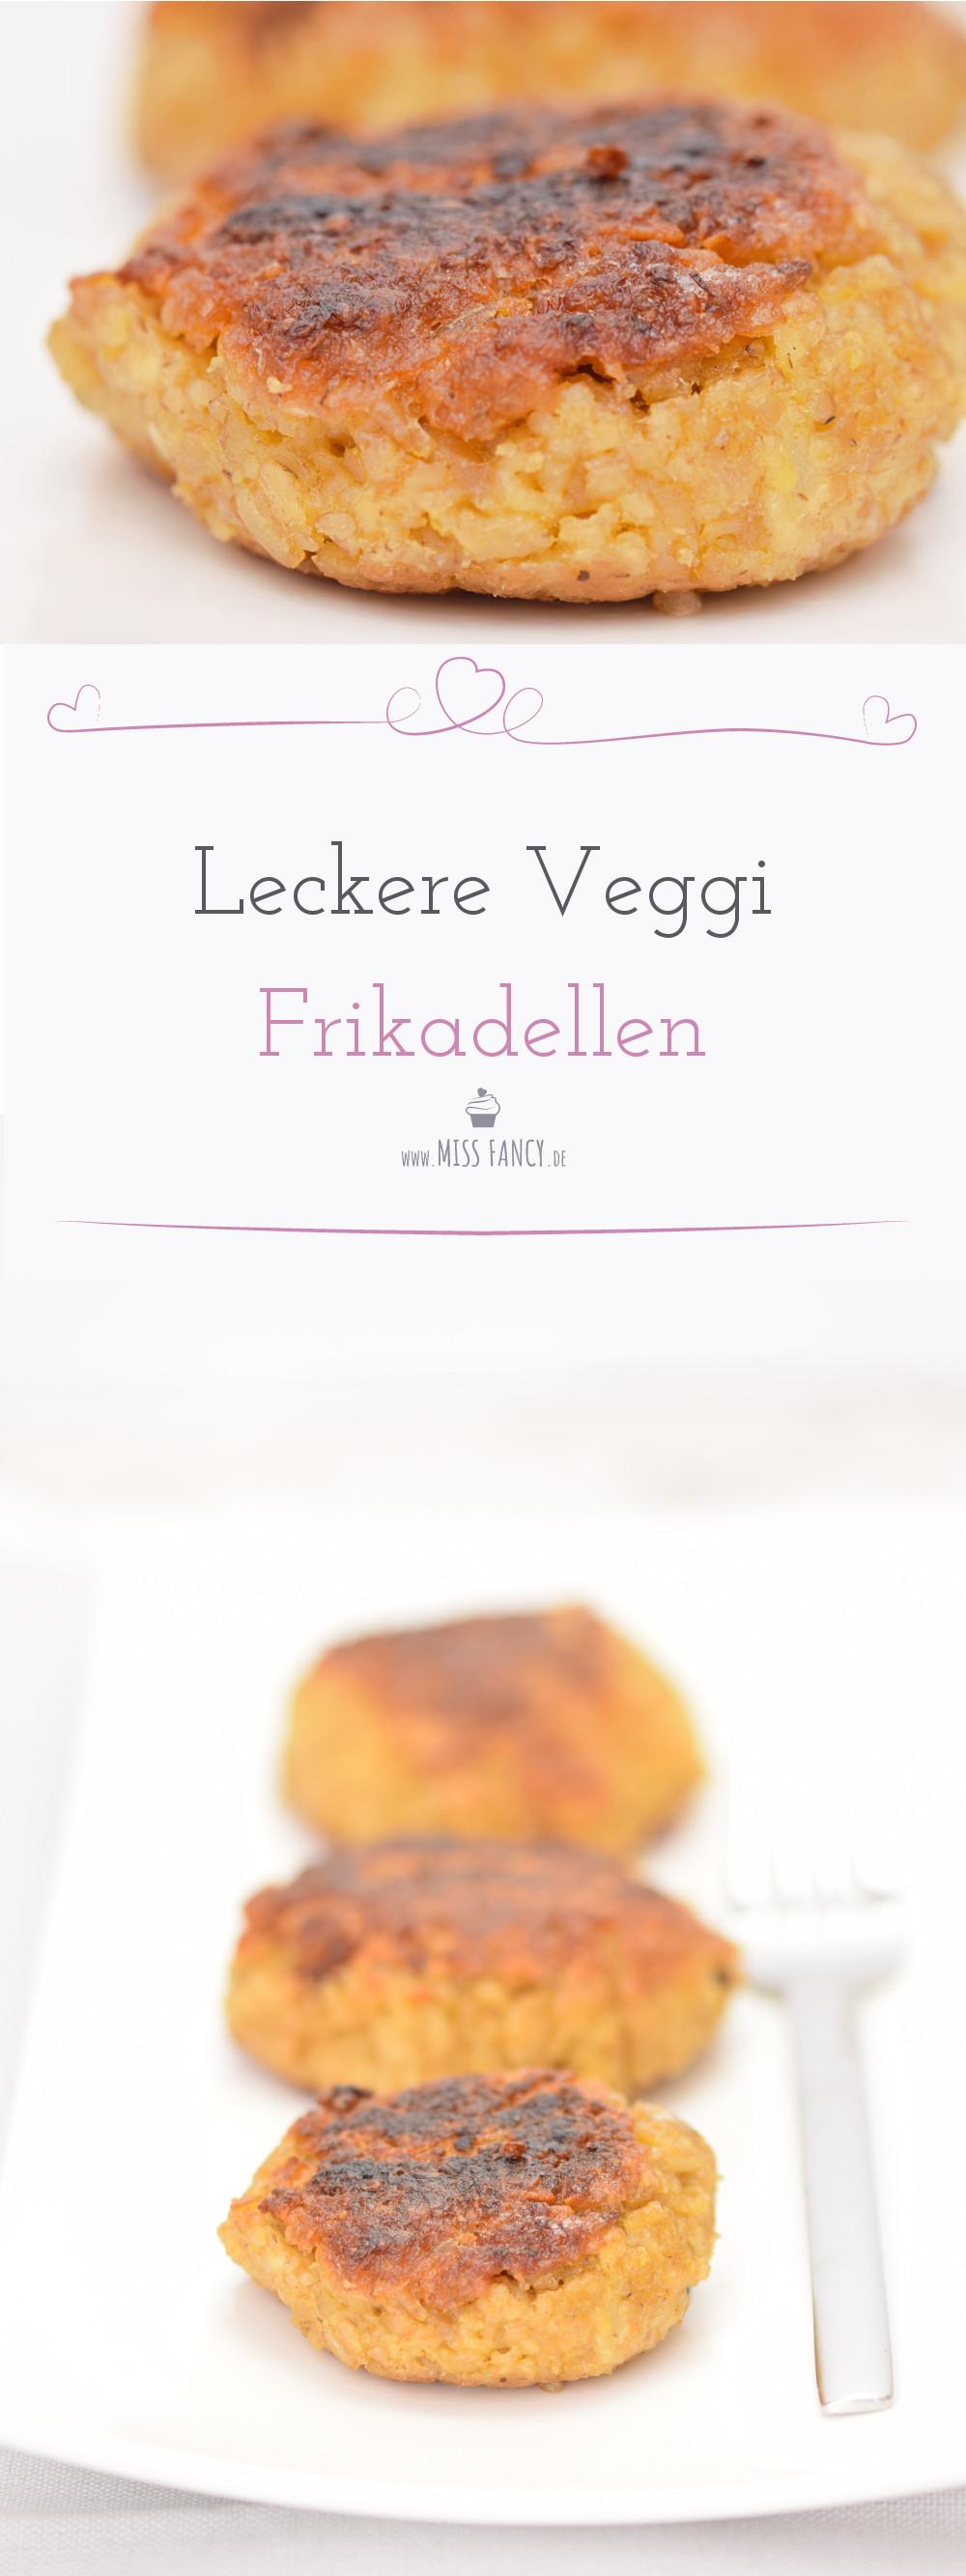 Rezept-vegetarische-frikadellen-missfancy-foodblog